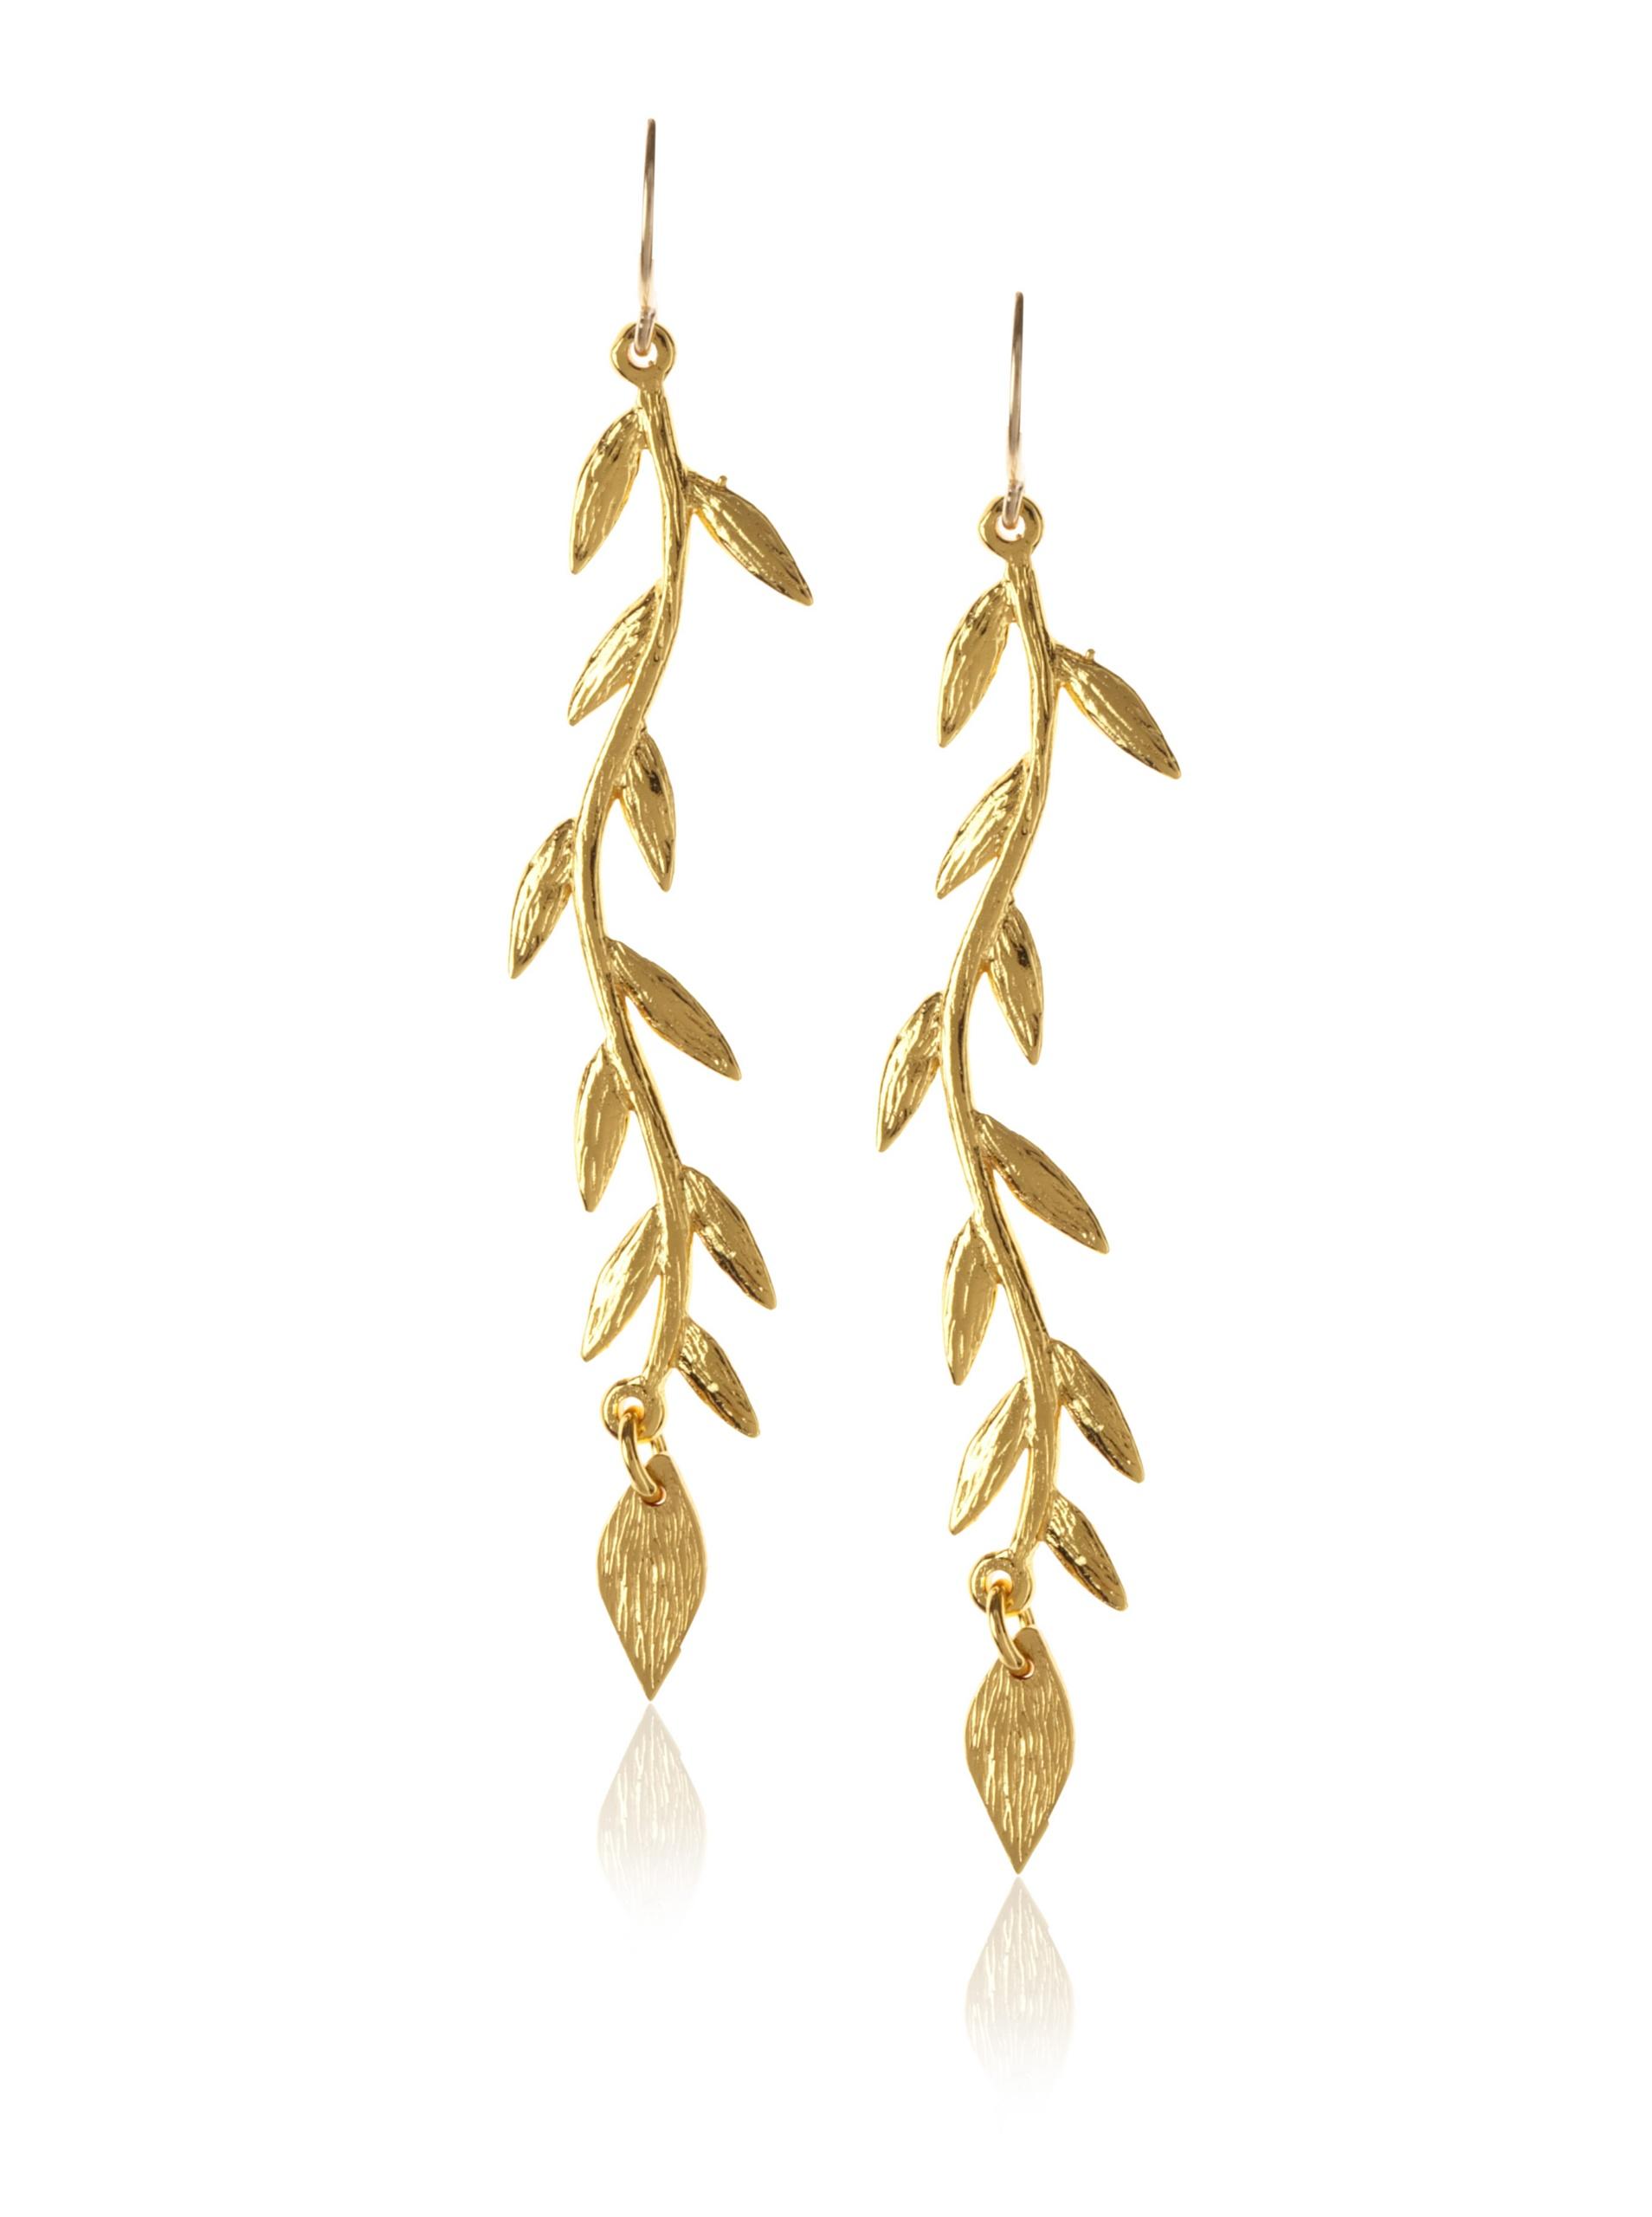 gorjana Vine Drop Earrings, Gold